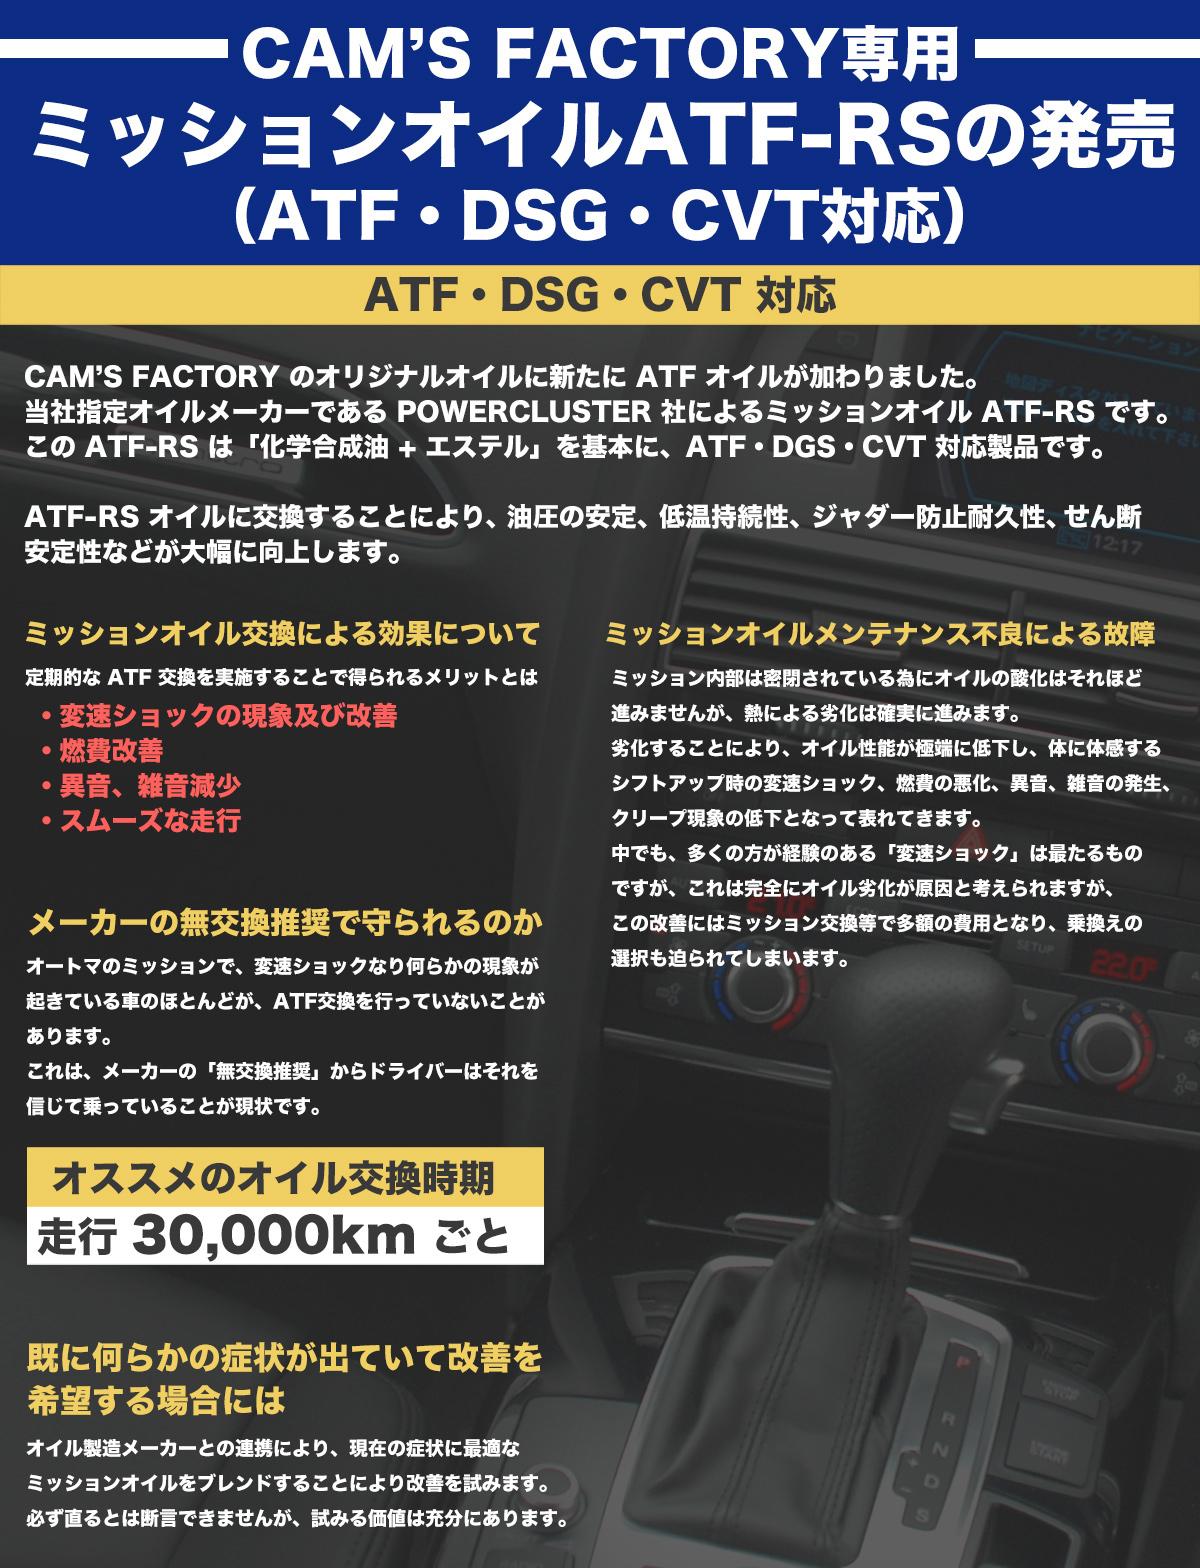 ミッションオイル【ATF-RS】の発売